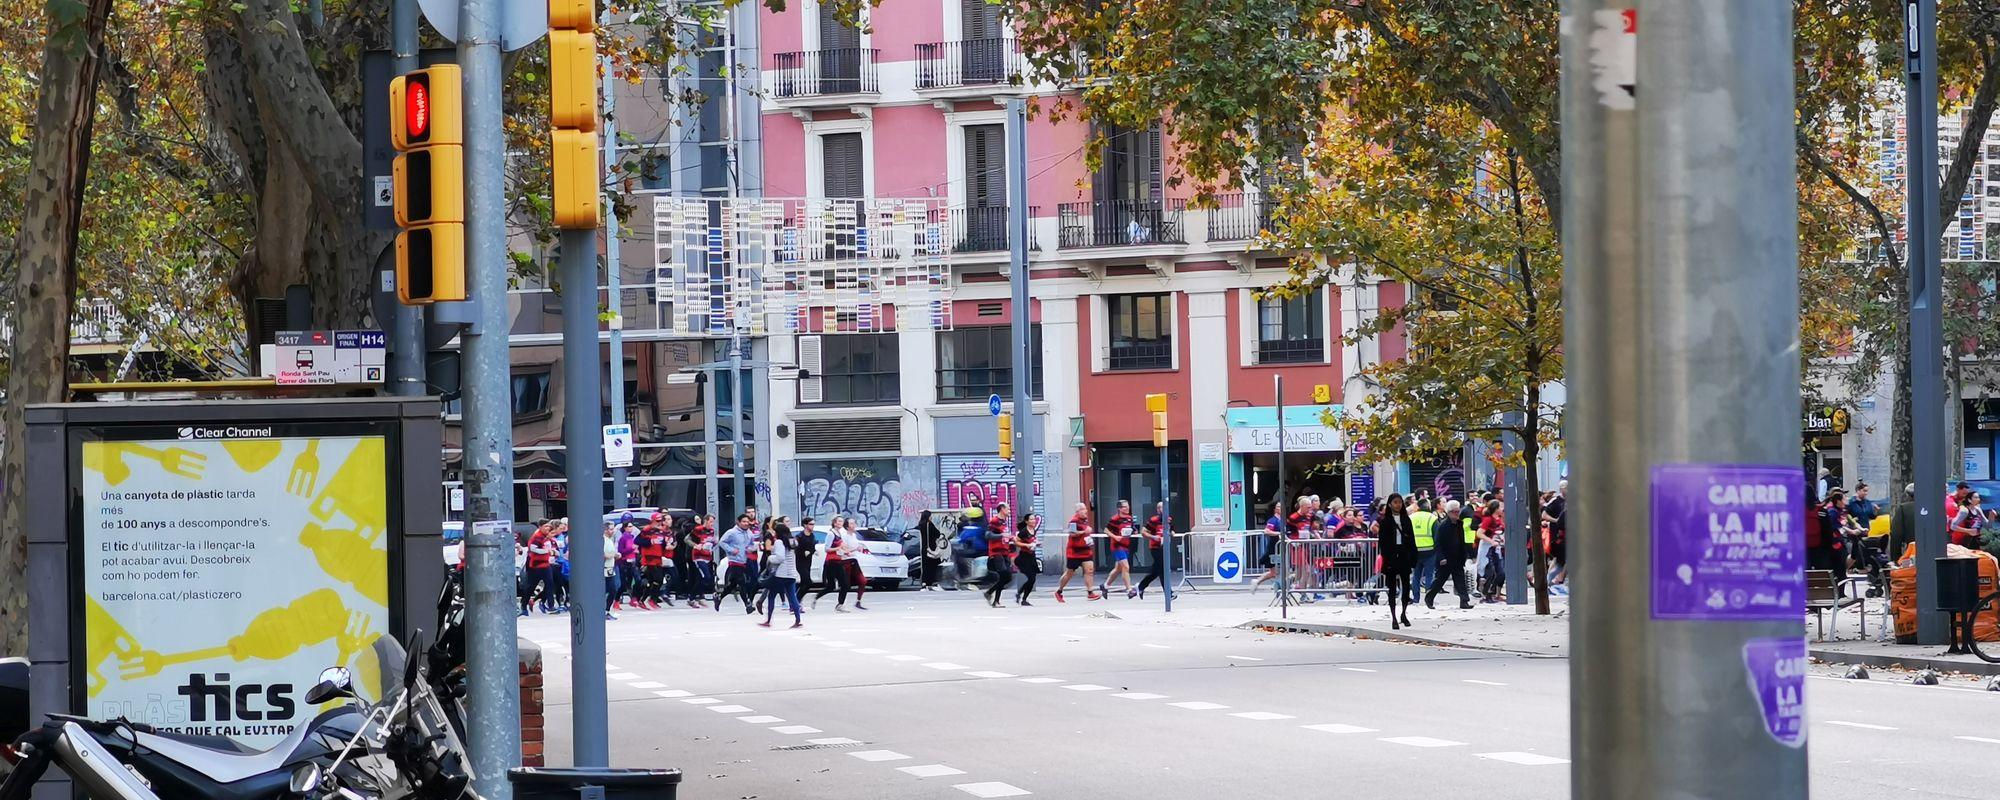 Perverși care aleargă prin Barcelona. Din viciu!